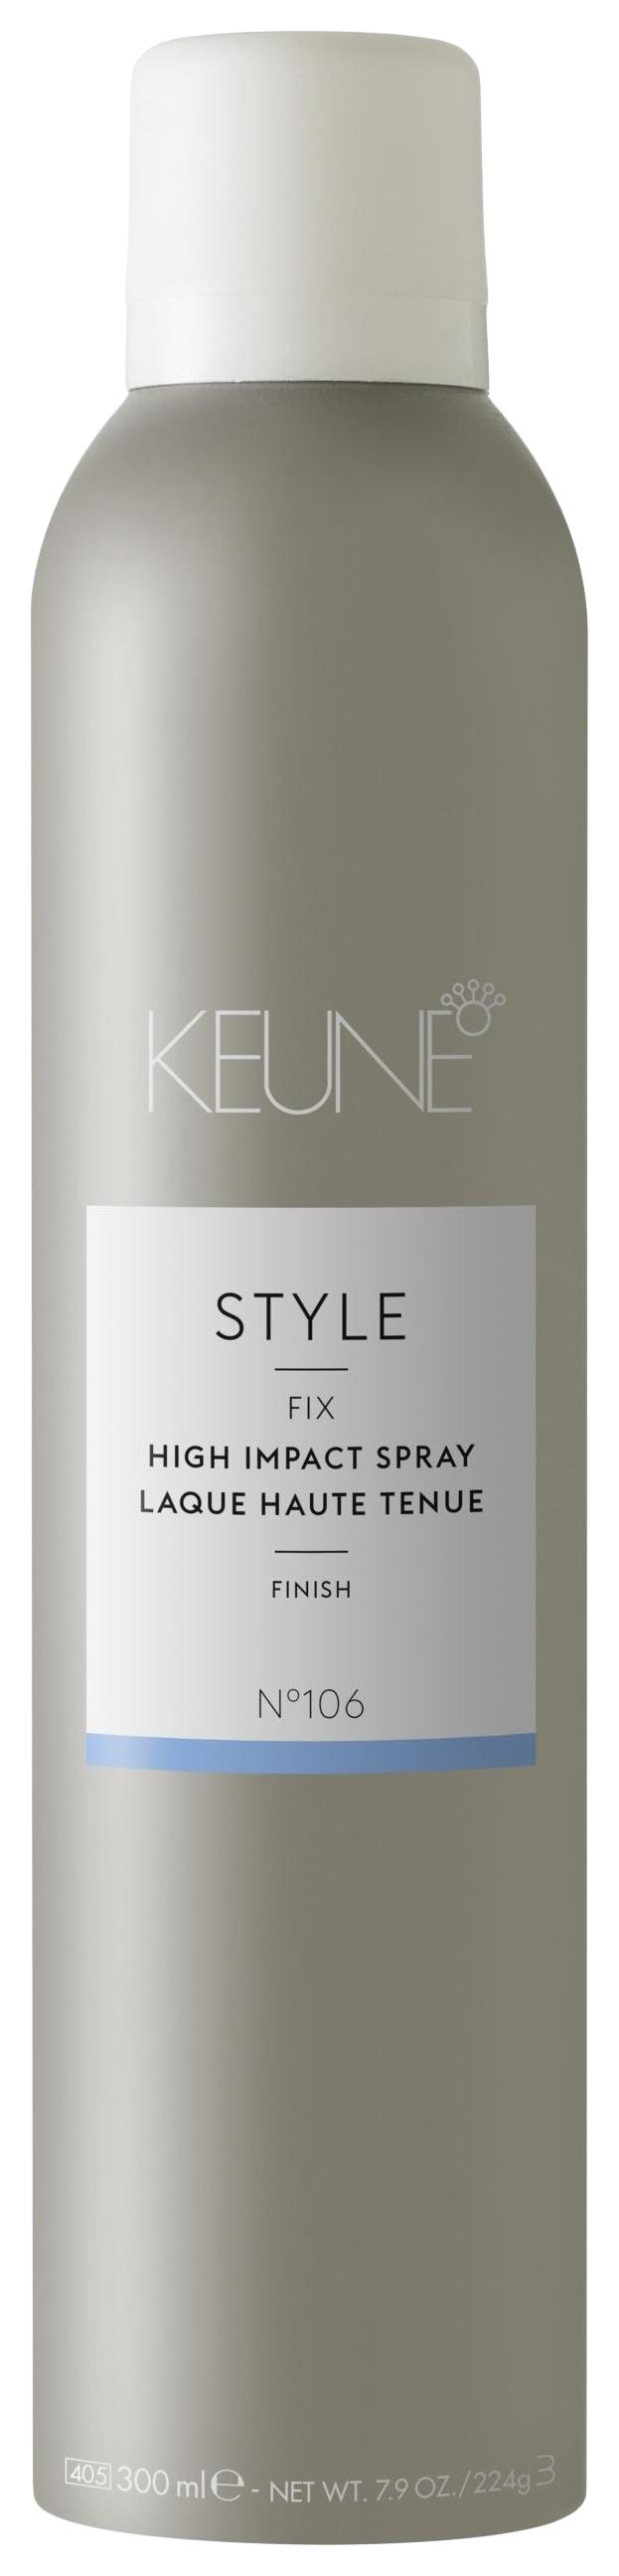 Купить Лак для волос KEUNE STYLE HIGH IMPACT 300 мл